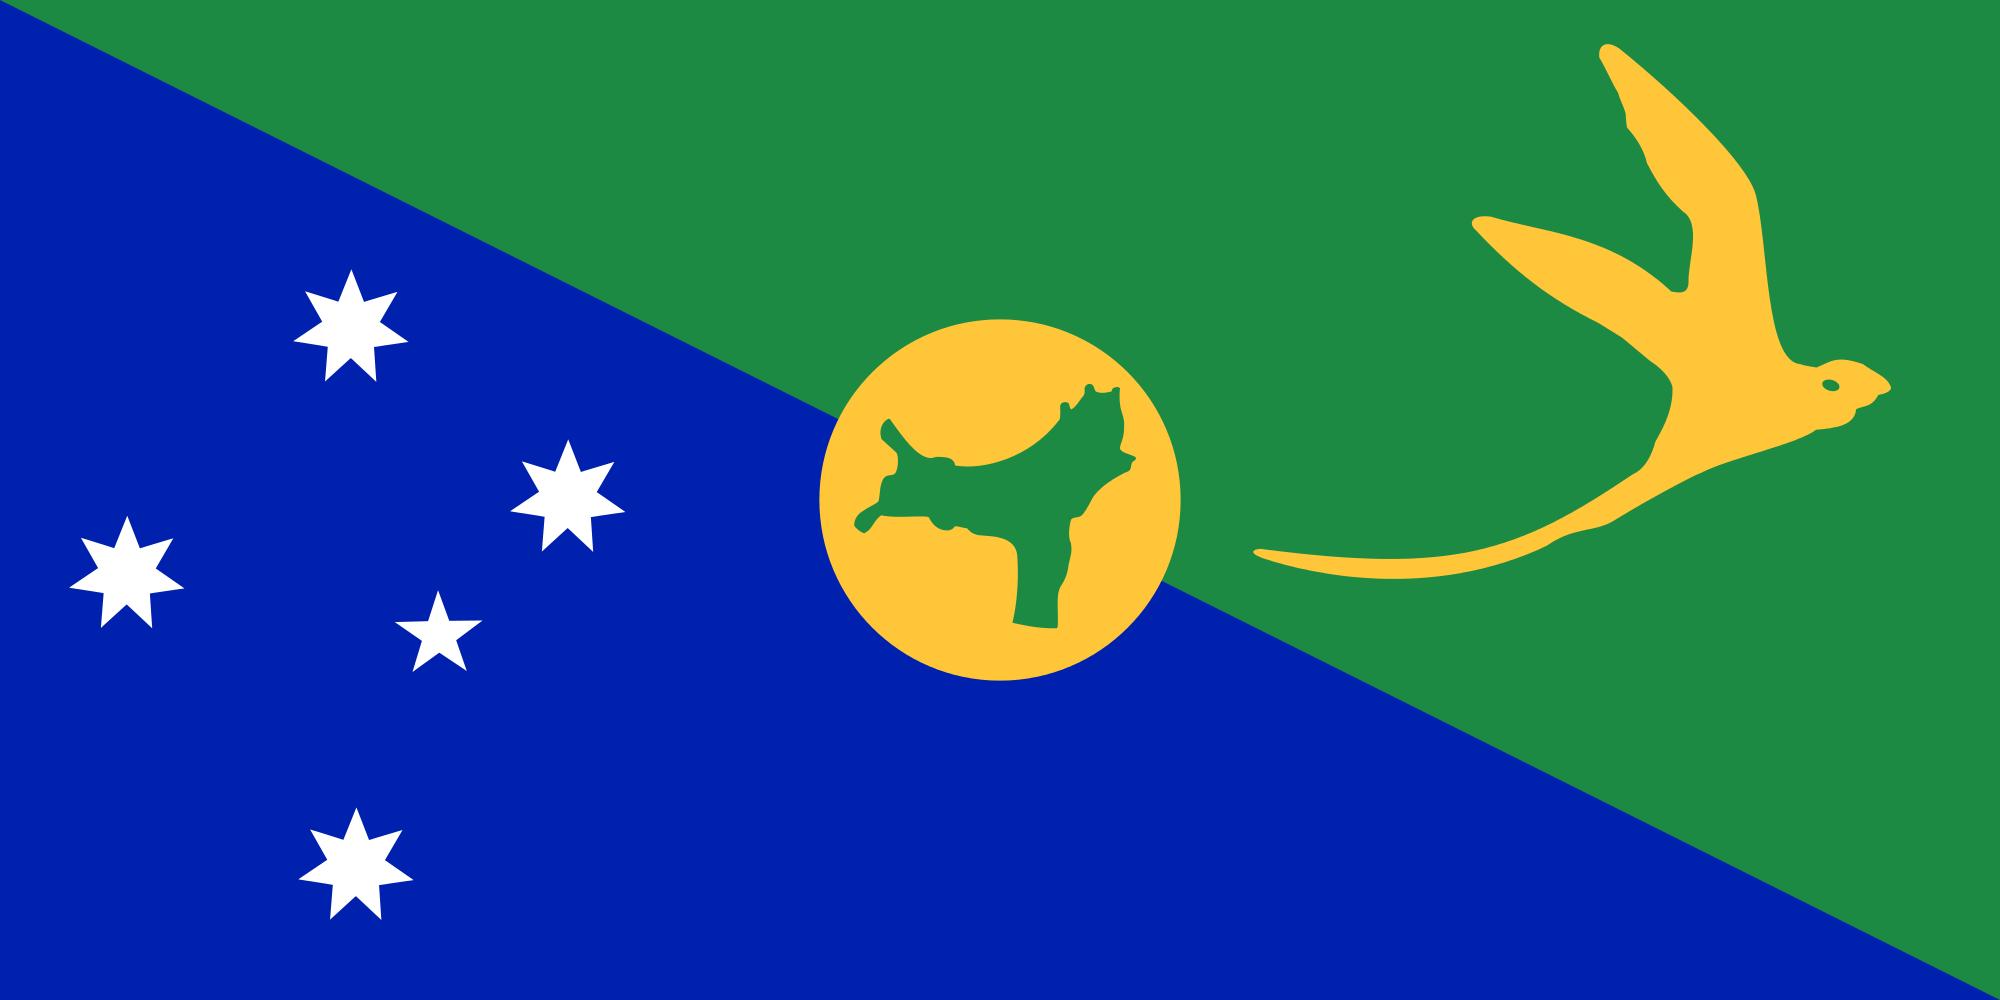 Остров Рождества, страна, Эмблема, логотип, символ - Обои HD - Профессор falken.com